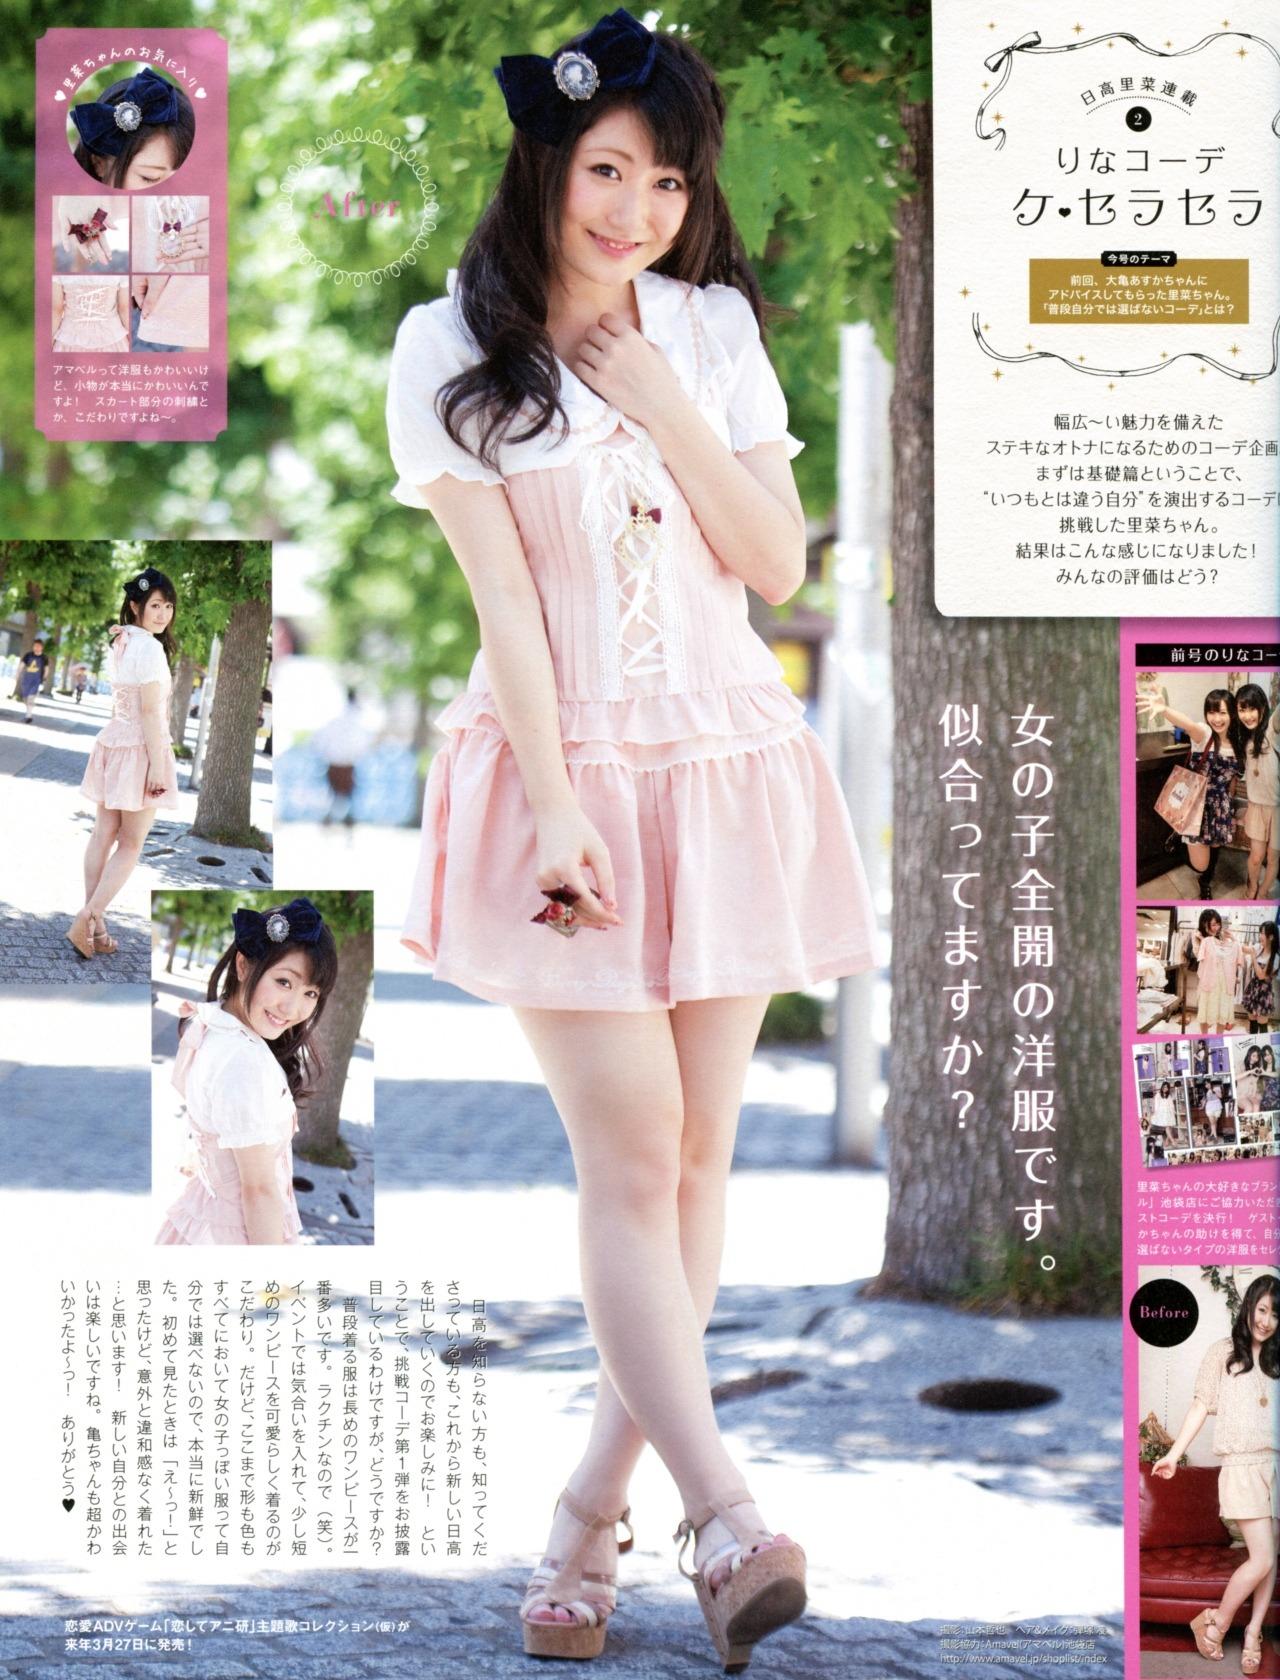 hidaka_rina041.jpg